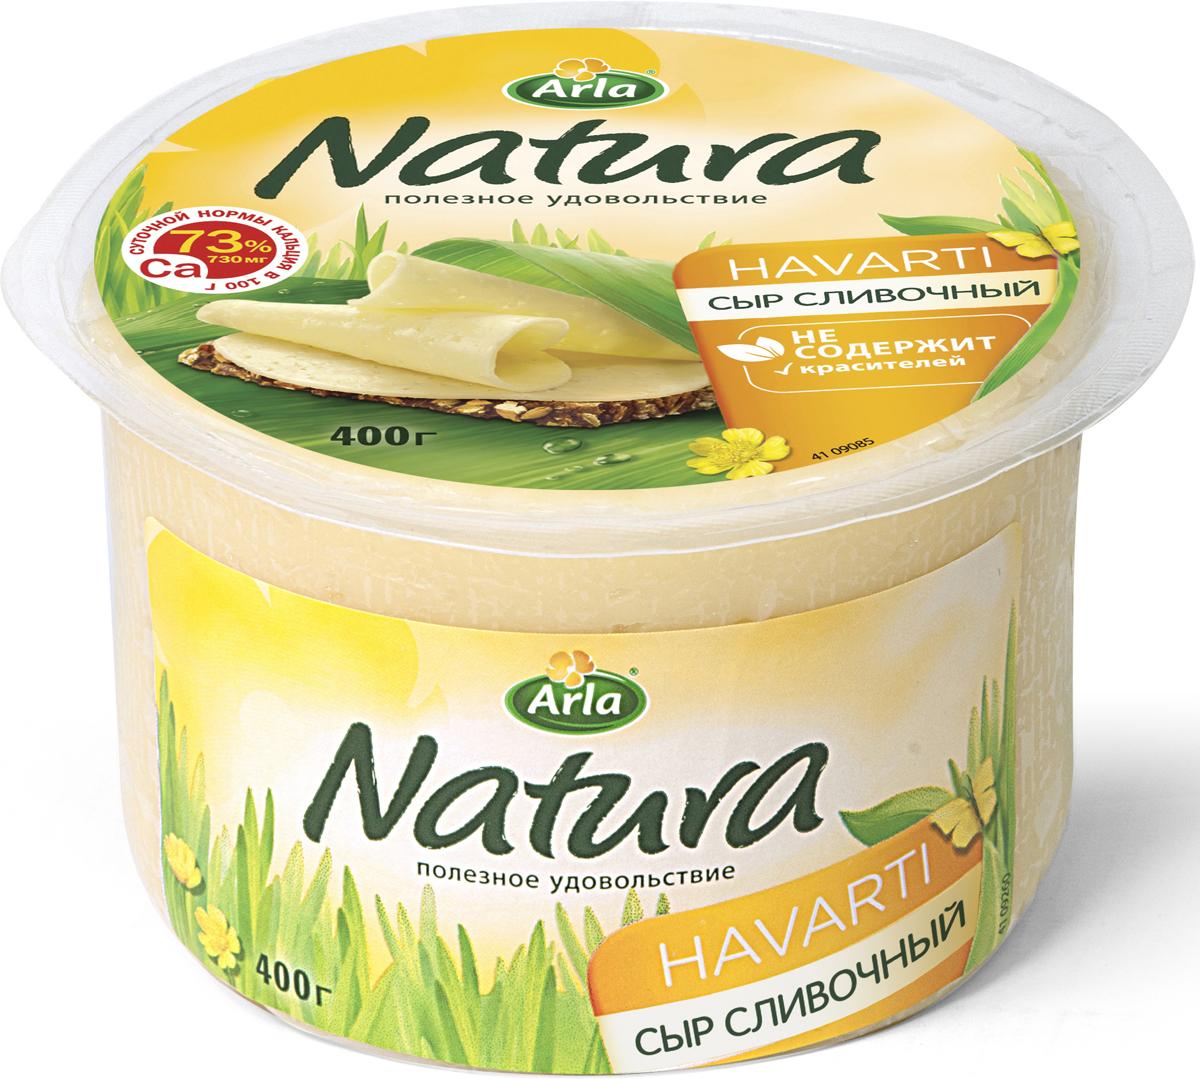 Arla Natura Сыр Сливочный, 45%, 400 г60490Классический натуральный сыр Arla Natura со сливочным вкусом в удобной семейной упаковке. Желтый сыр Arla Natura питательный, вкусный и богат легкоусвояемым кальцием! 100 г сыра ArlaNatura Сливочный помогут восполнить вашу суточную потребность в кальции на 73%. Подходит для вегетарианцев.